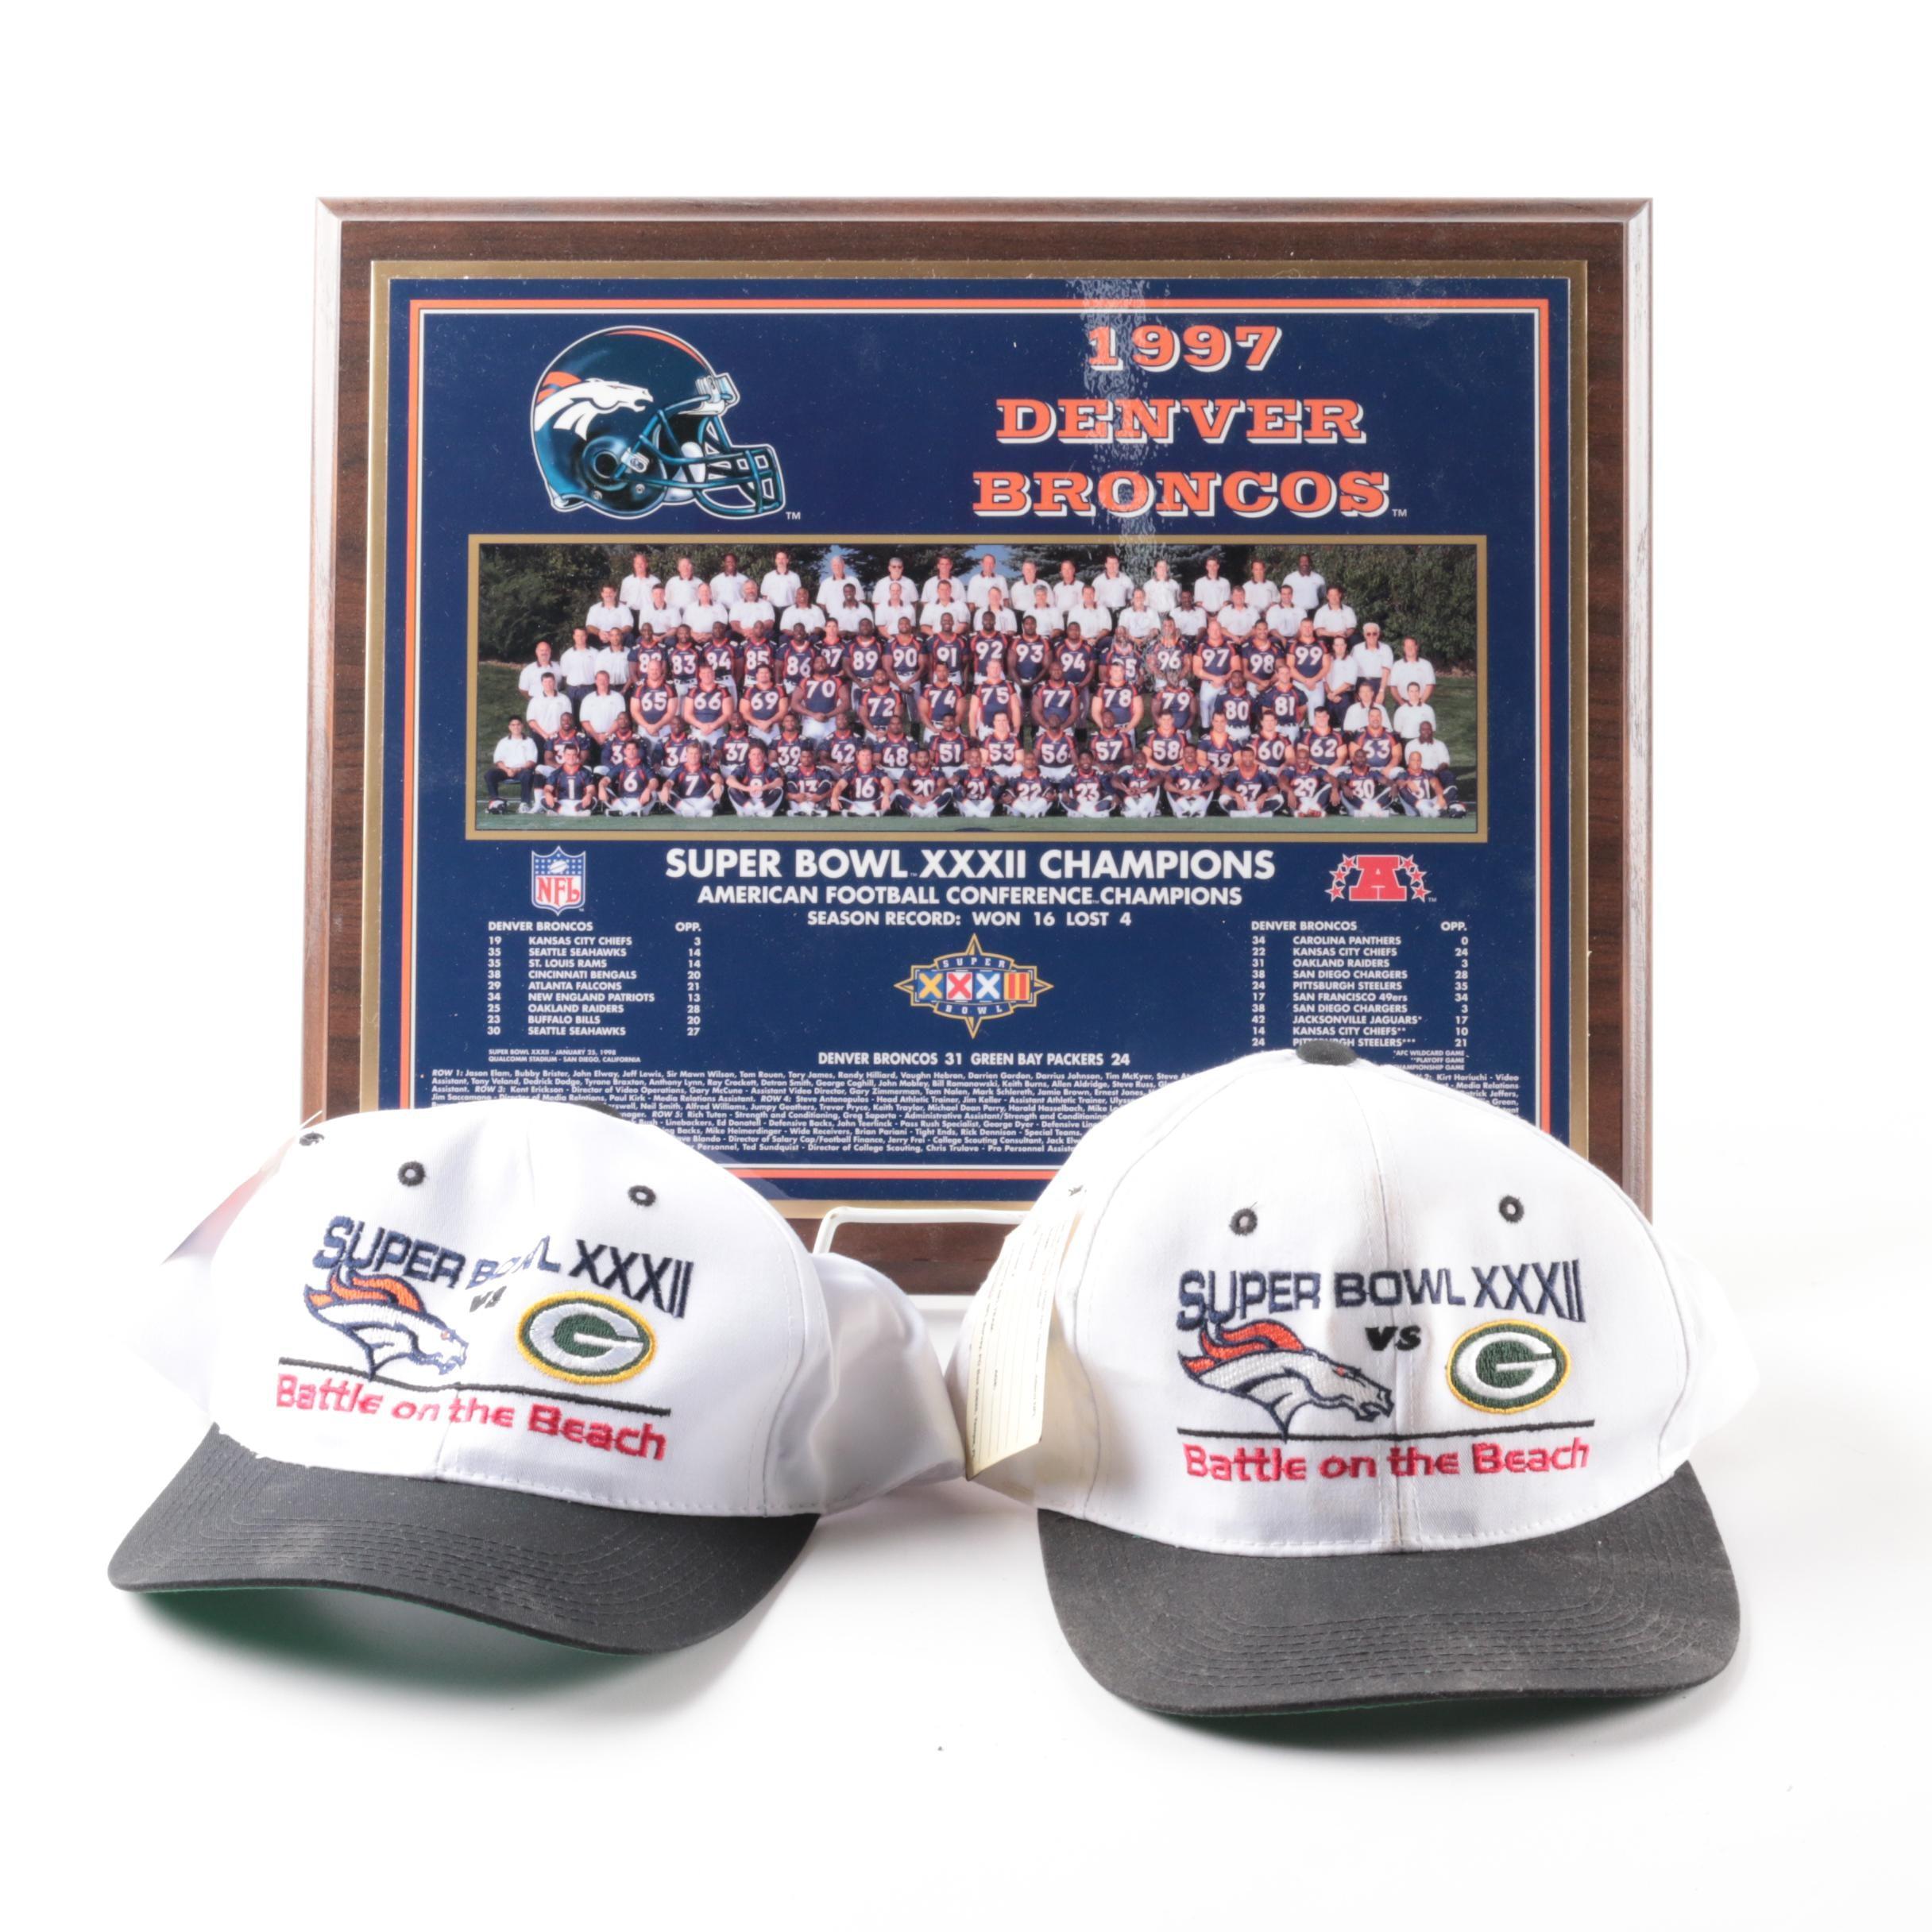 Denver Broncos Super Bowl XXXII Memorabilia